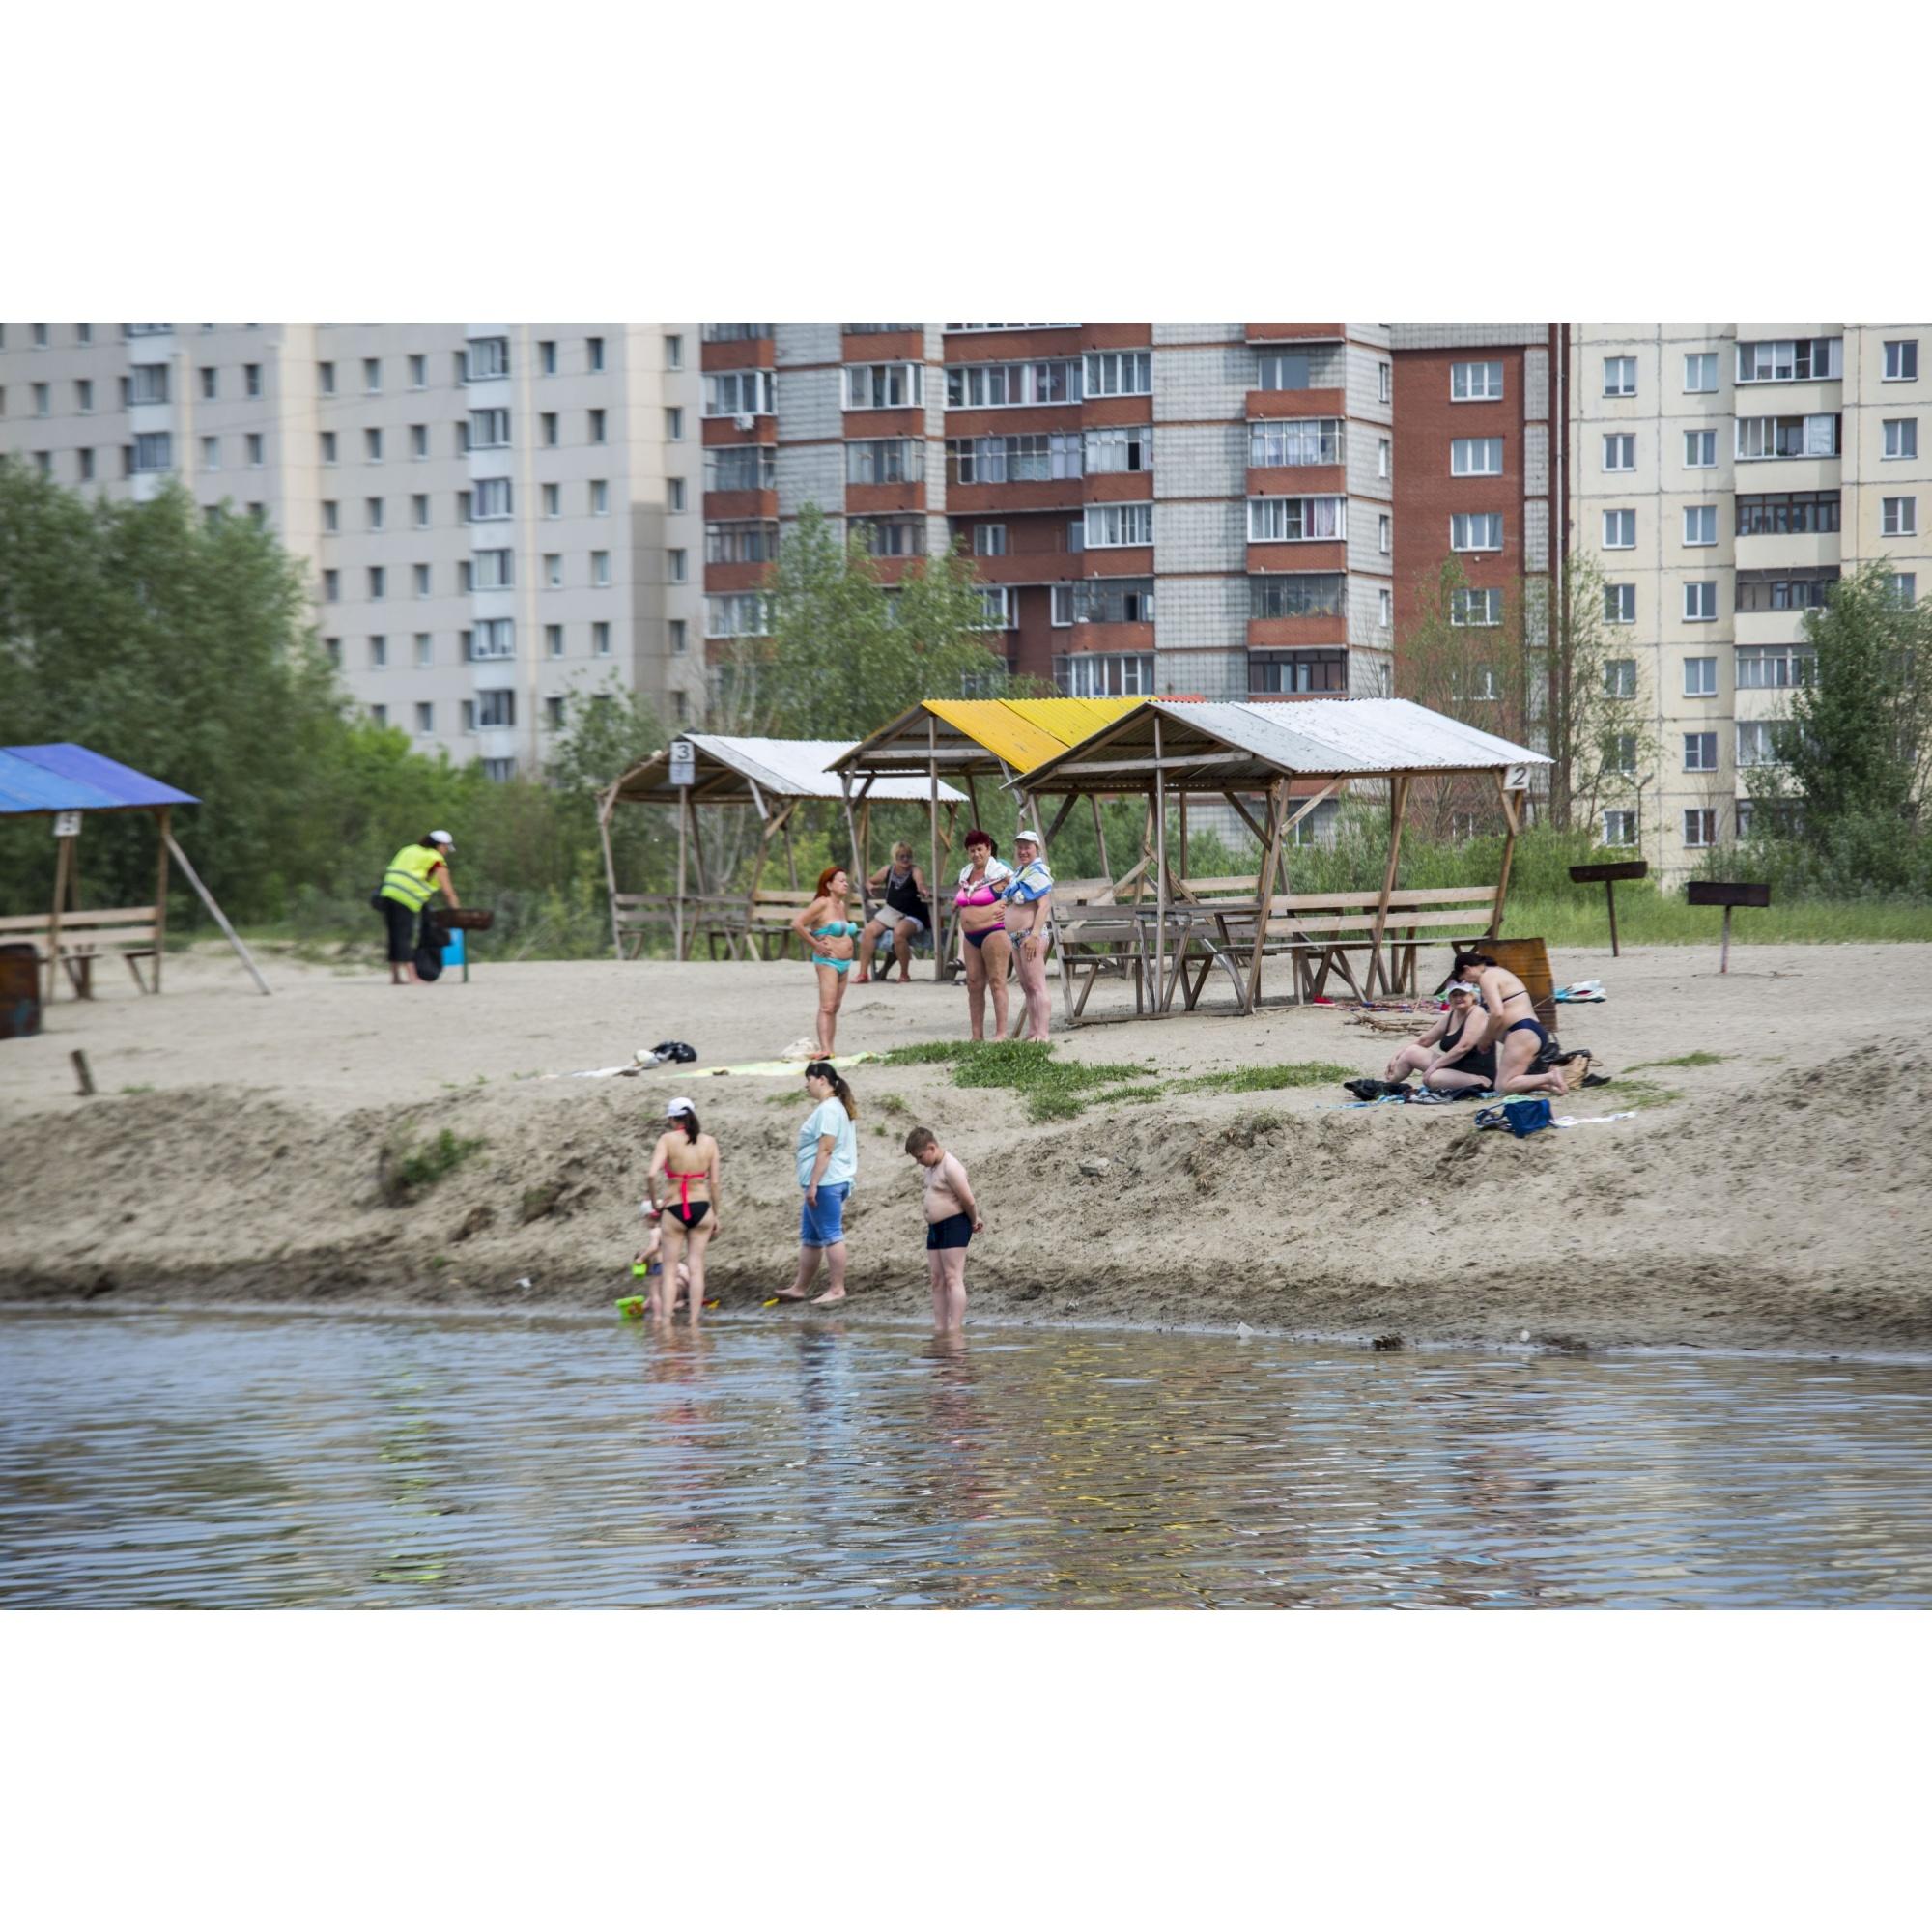 На запрещённых пляжах неровный рельеф дна, водовороты, заросли, а также грязная вода, которая не соответствует нормам